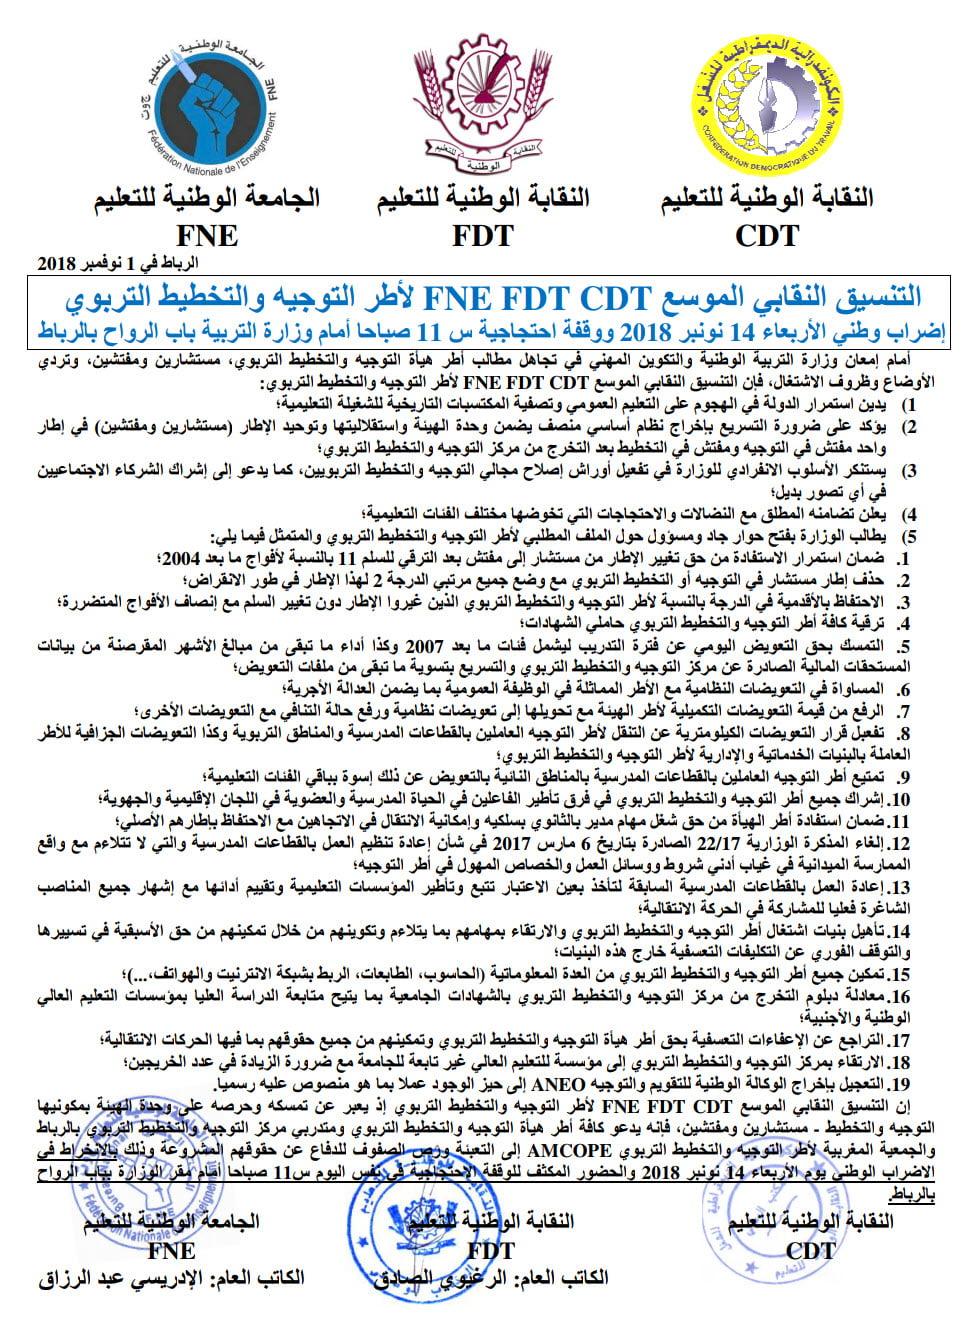 FNE-CDT-FDT-Planification-Orientation-greve-sit-in-mercredi-14-11-2018